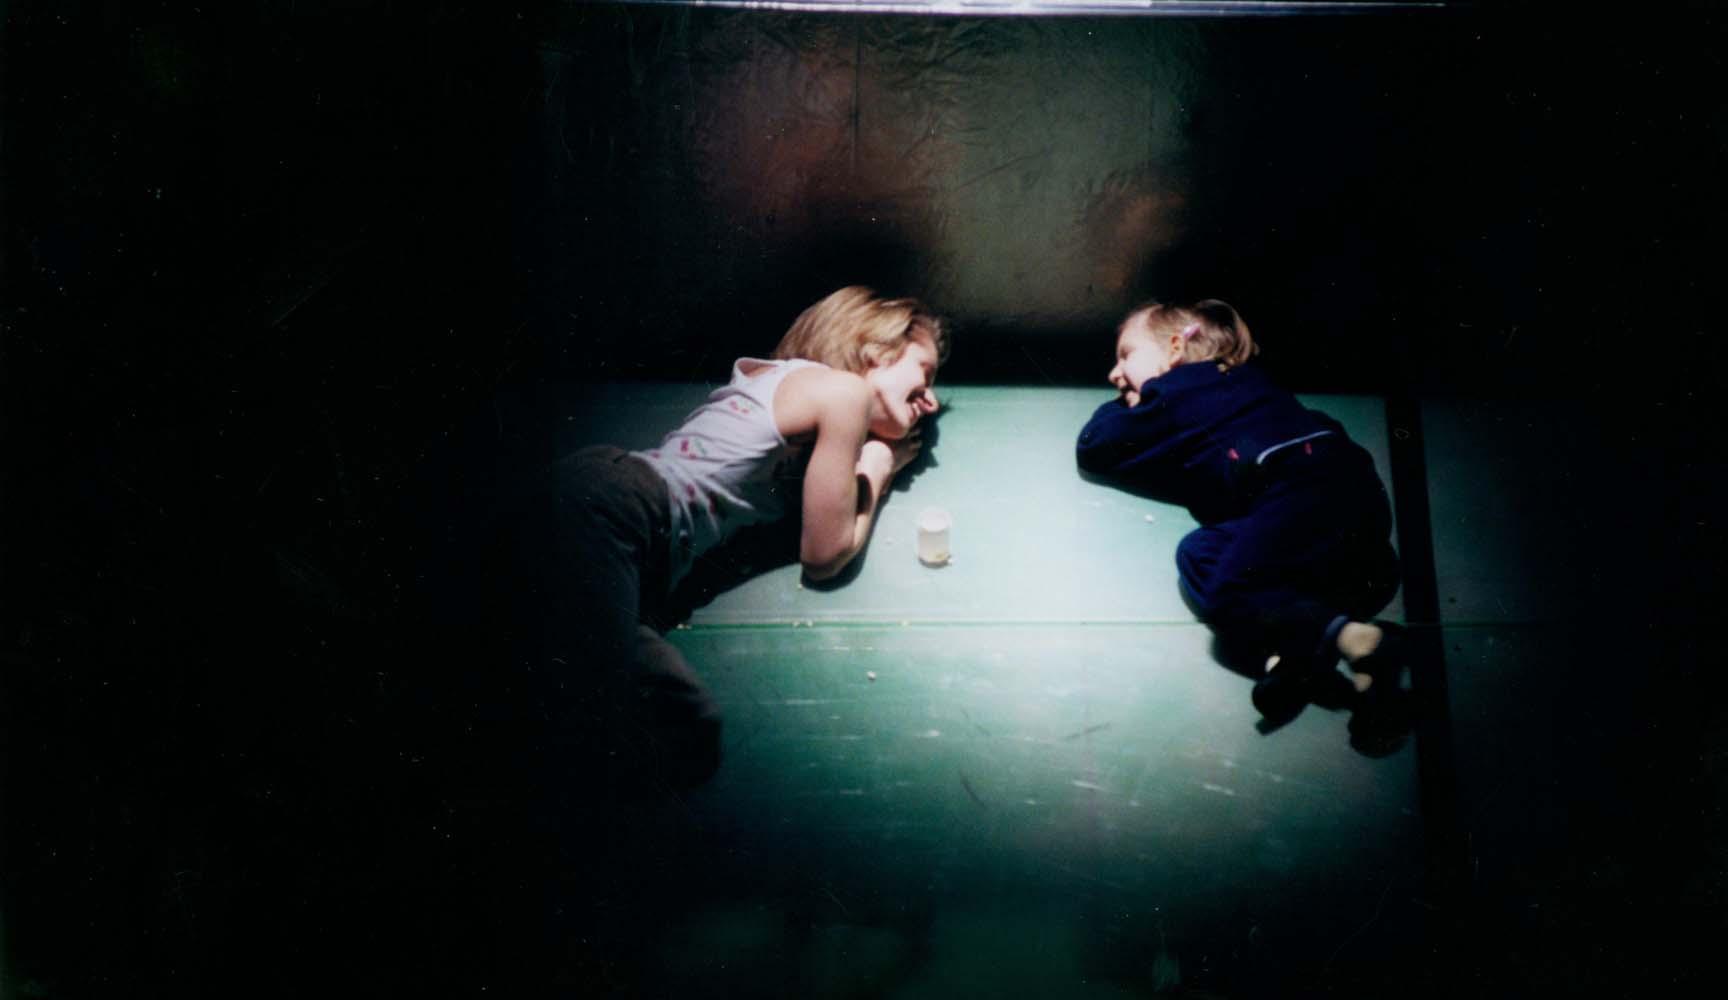 """Scena z przedstawienia """"4.48 Psychosis"""" w reżyserii Grzegorza Jarzyny, fot. Stefan Okołowicz/ TR Warszawa"""